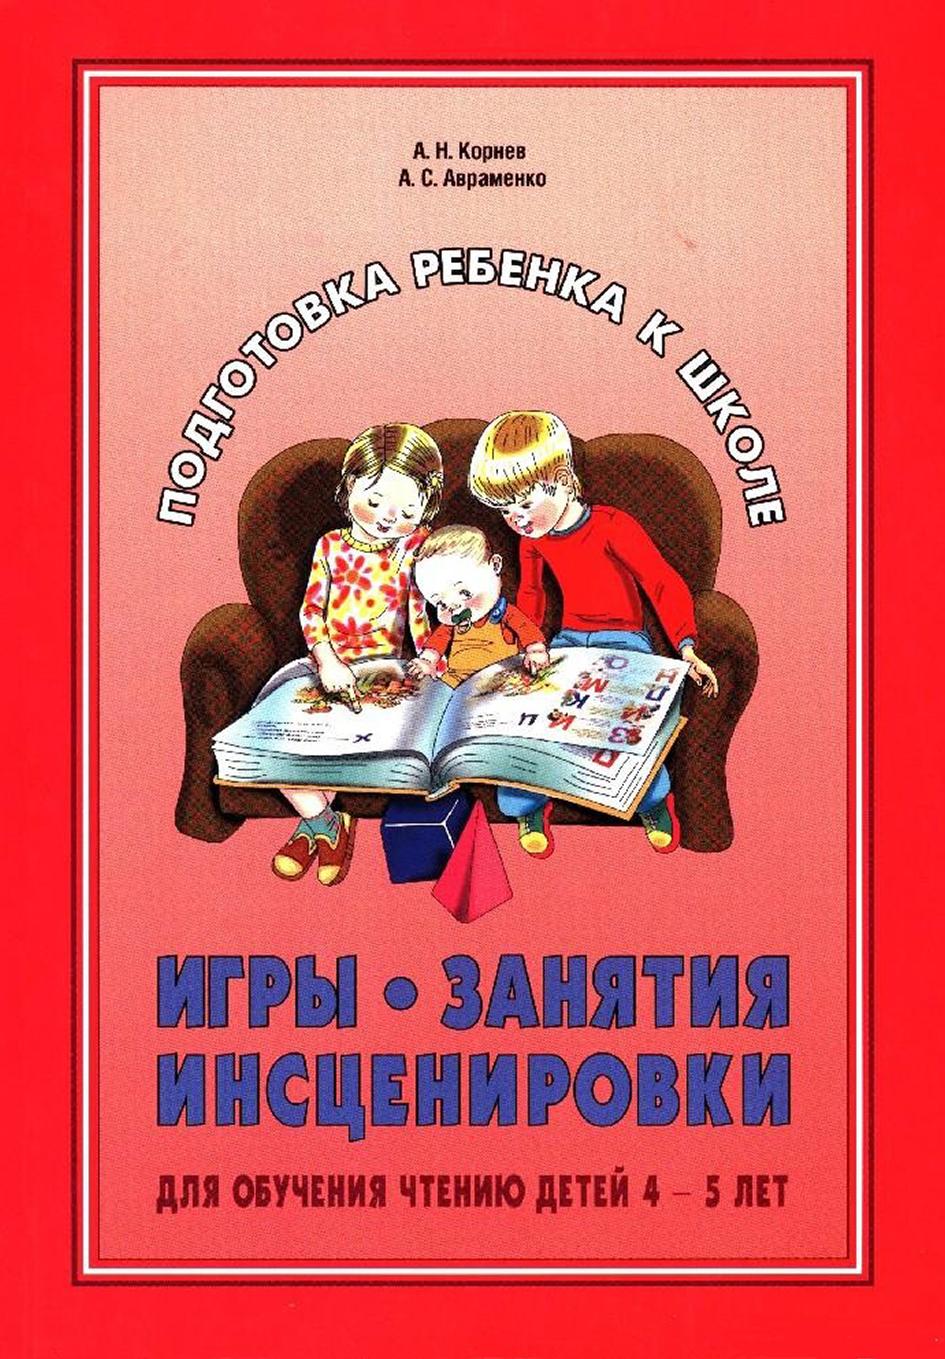 А. С. Авраменко Игры, занятия, инсценировки для обучения чтению детей 4-5 лет кукушкина и ред cq творческое мышление корейская методика обучения для детей 3 4 лет